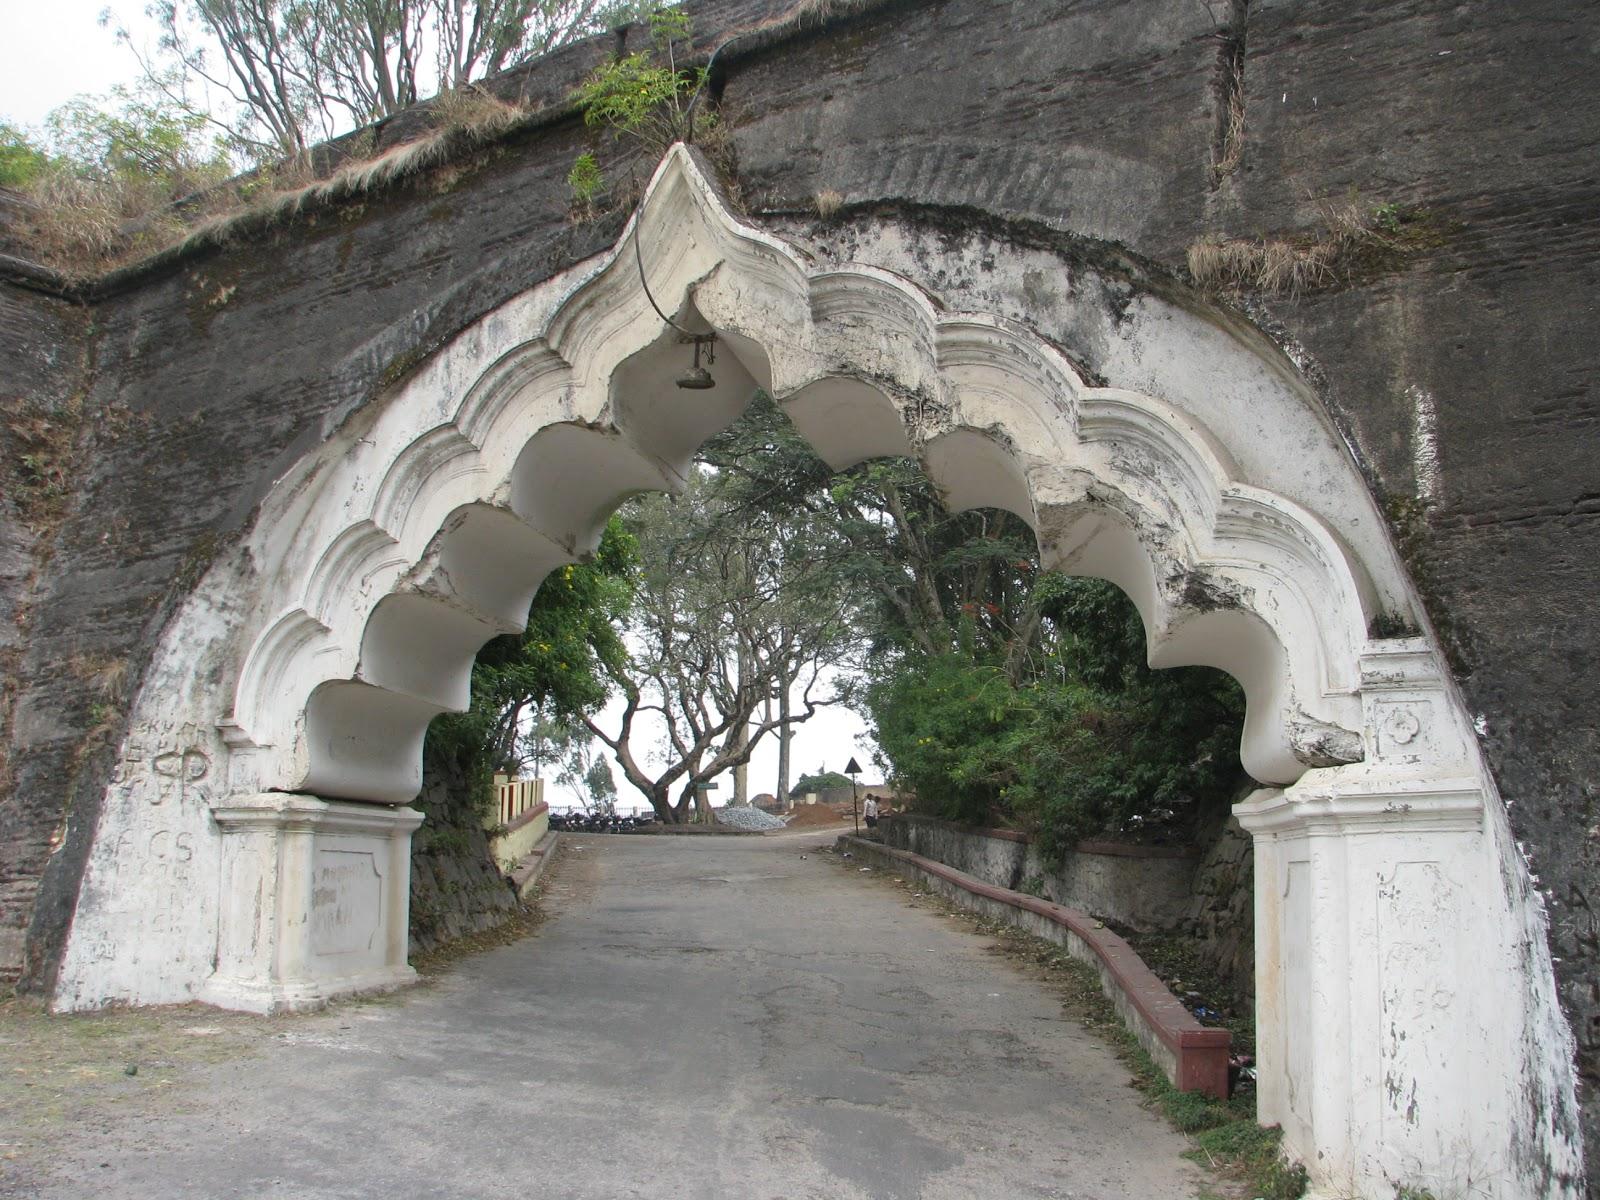 Nandi_Hills_Fort_Entrance1.jpg